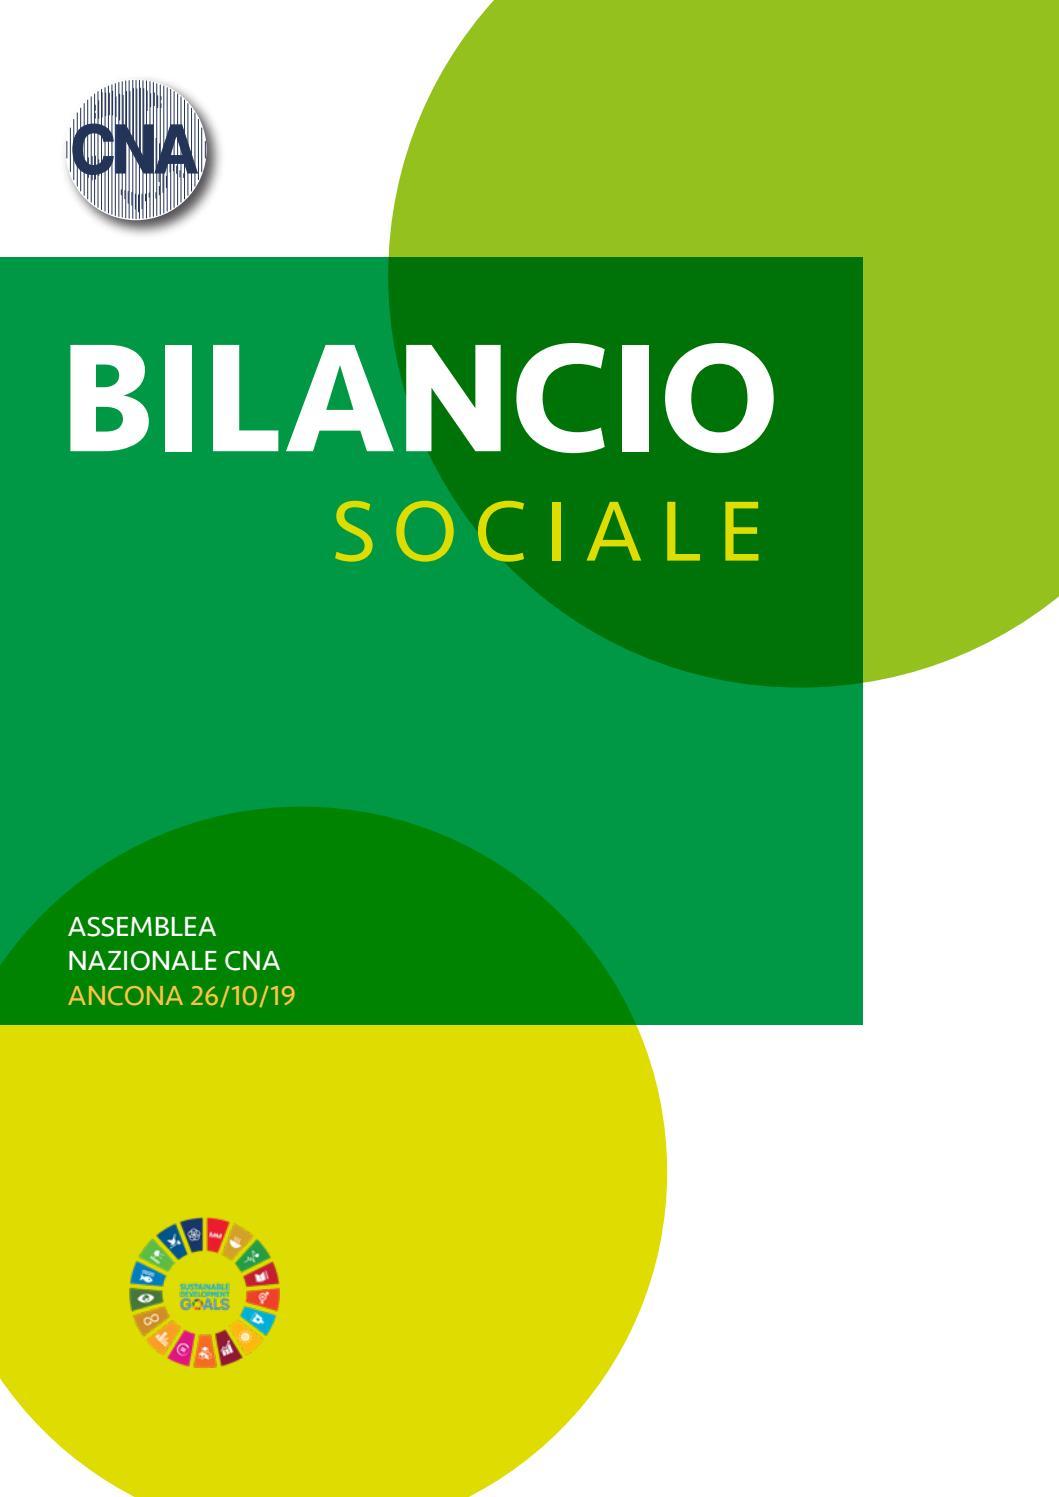 Bilancio Sociale 2018 By Cna Issuu